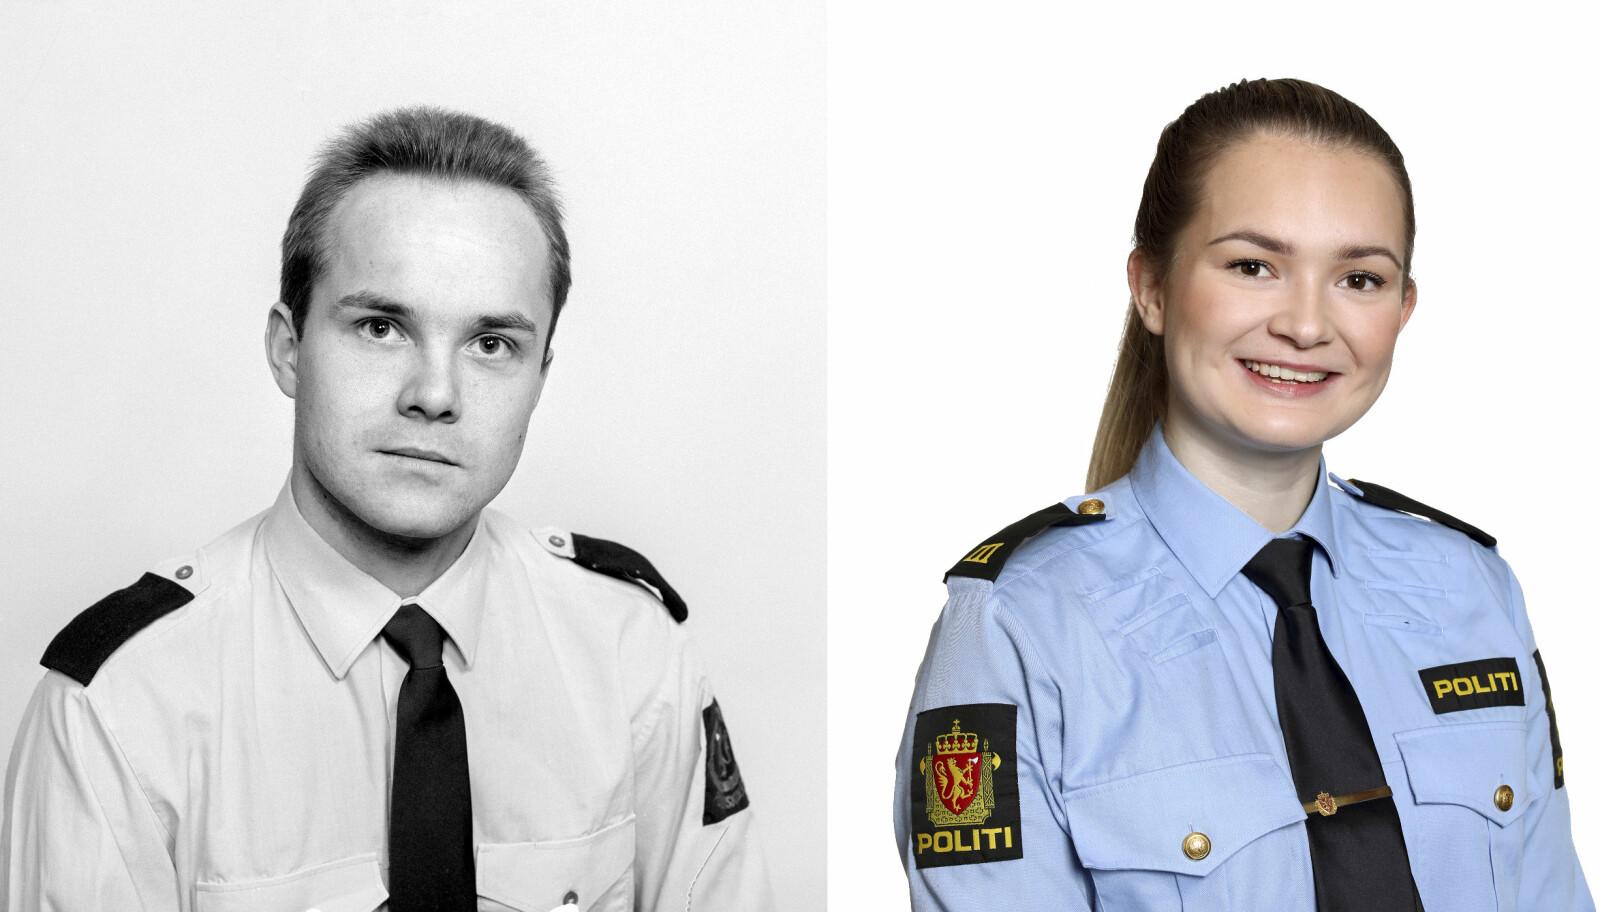 FAR OG DATTER: Politistudent Tore Johan Vinnes i 1991 og politistudent Veline Vinnes i 2020.